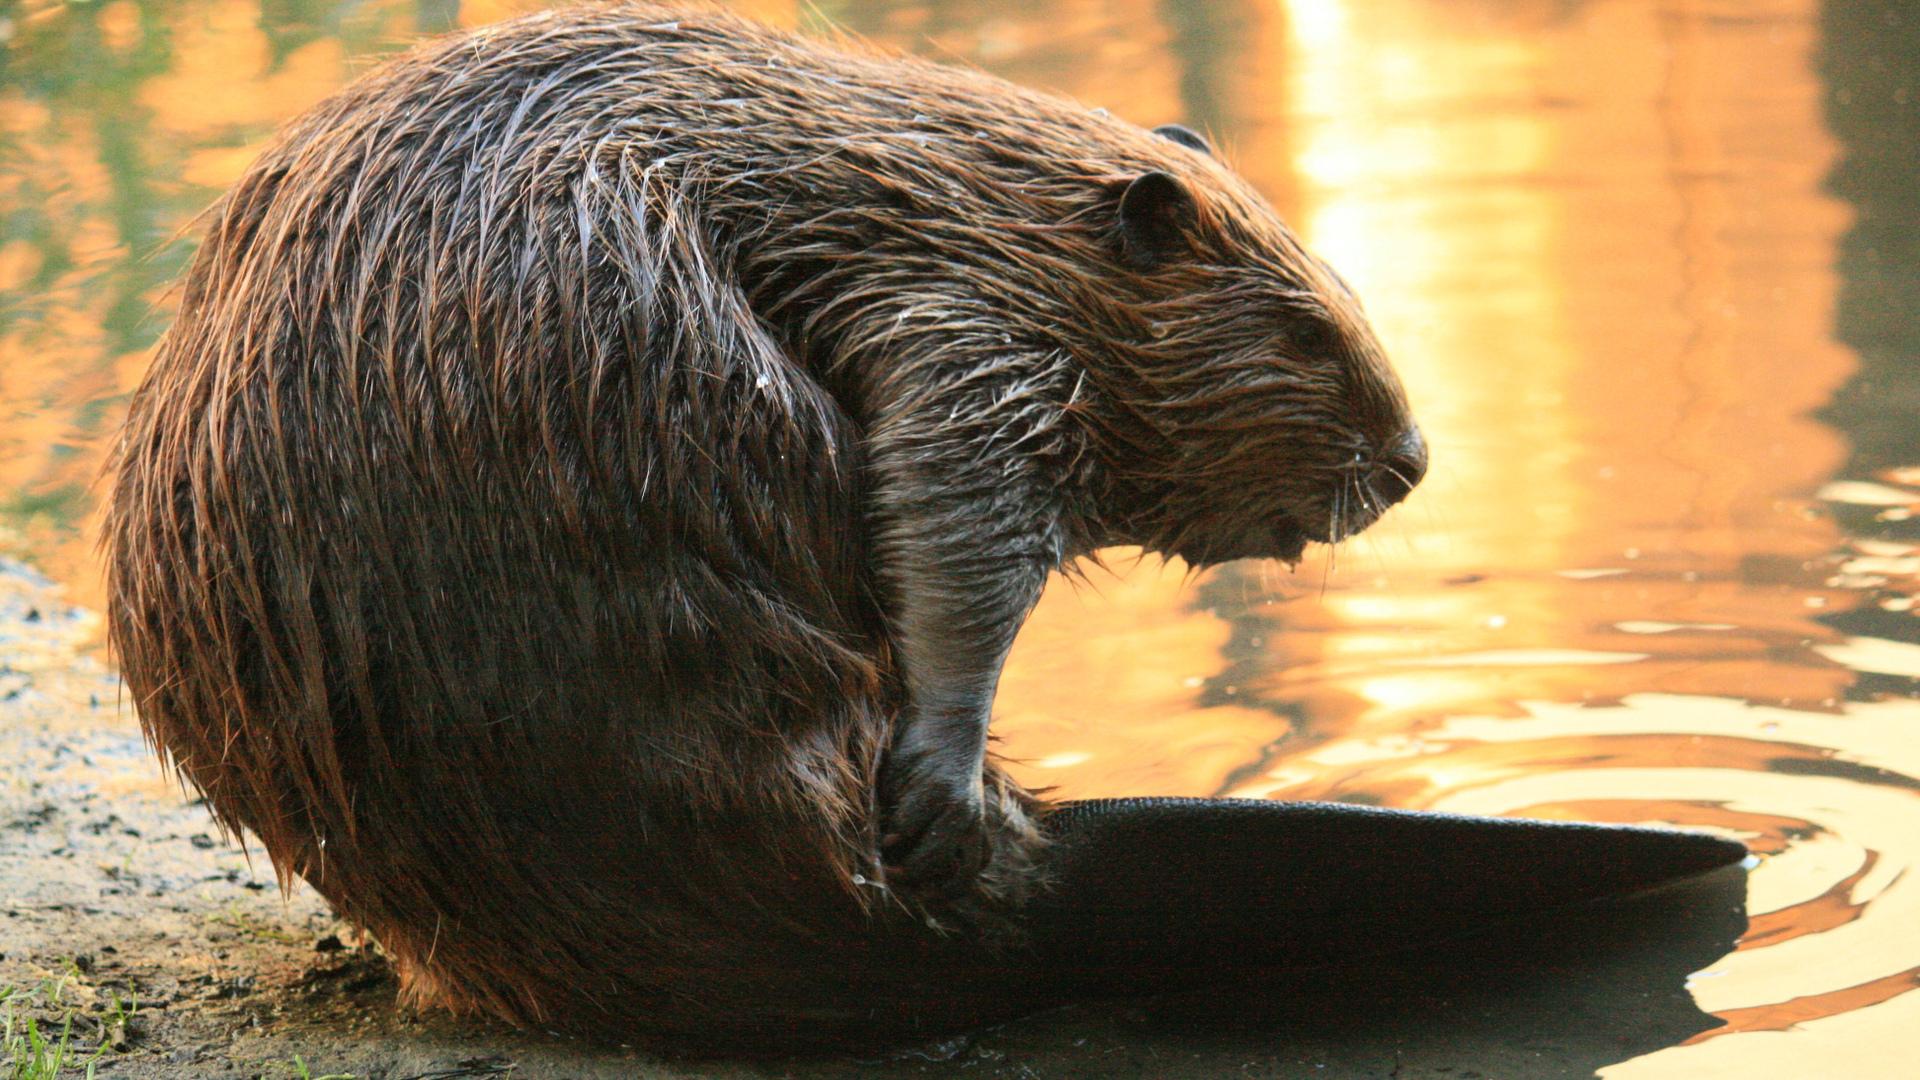 Beaver For Desktop